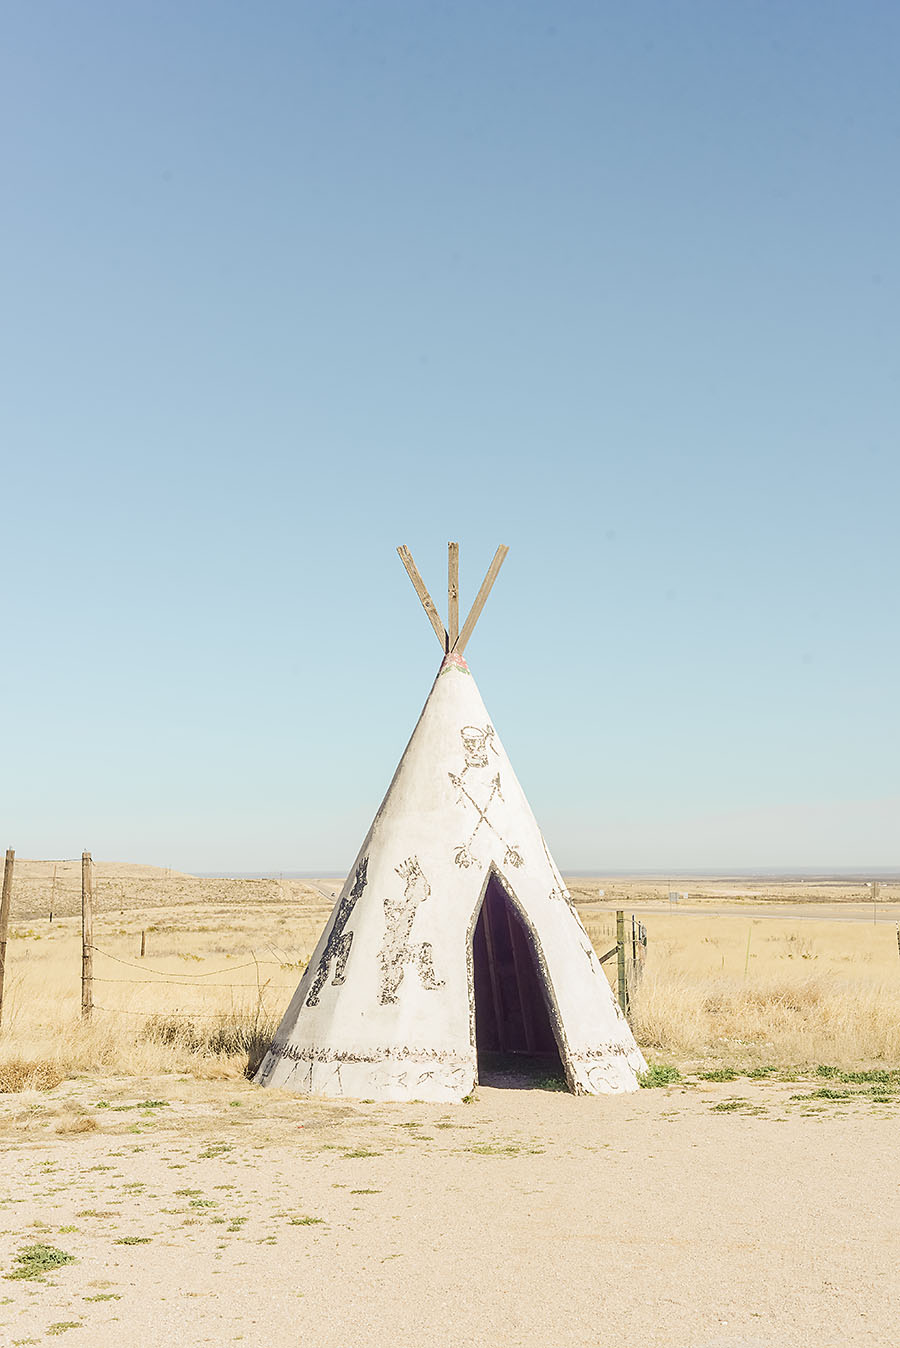 New Mexico |2015 © Marisol Izaguirre